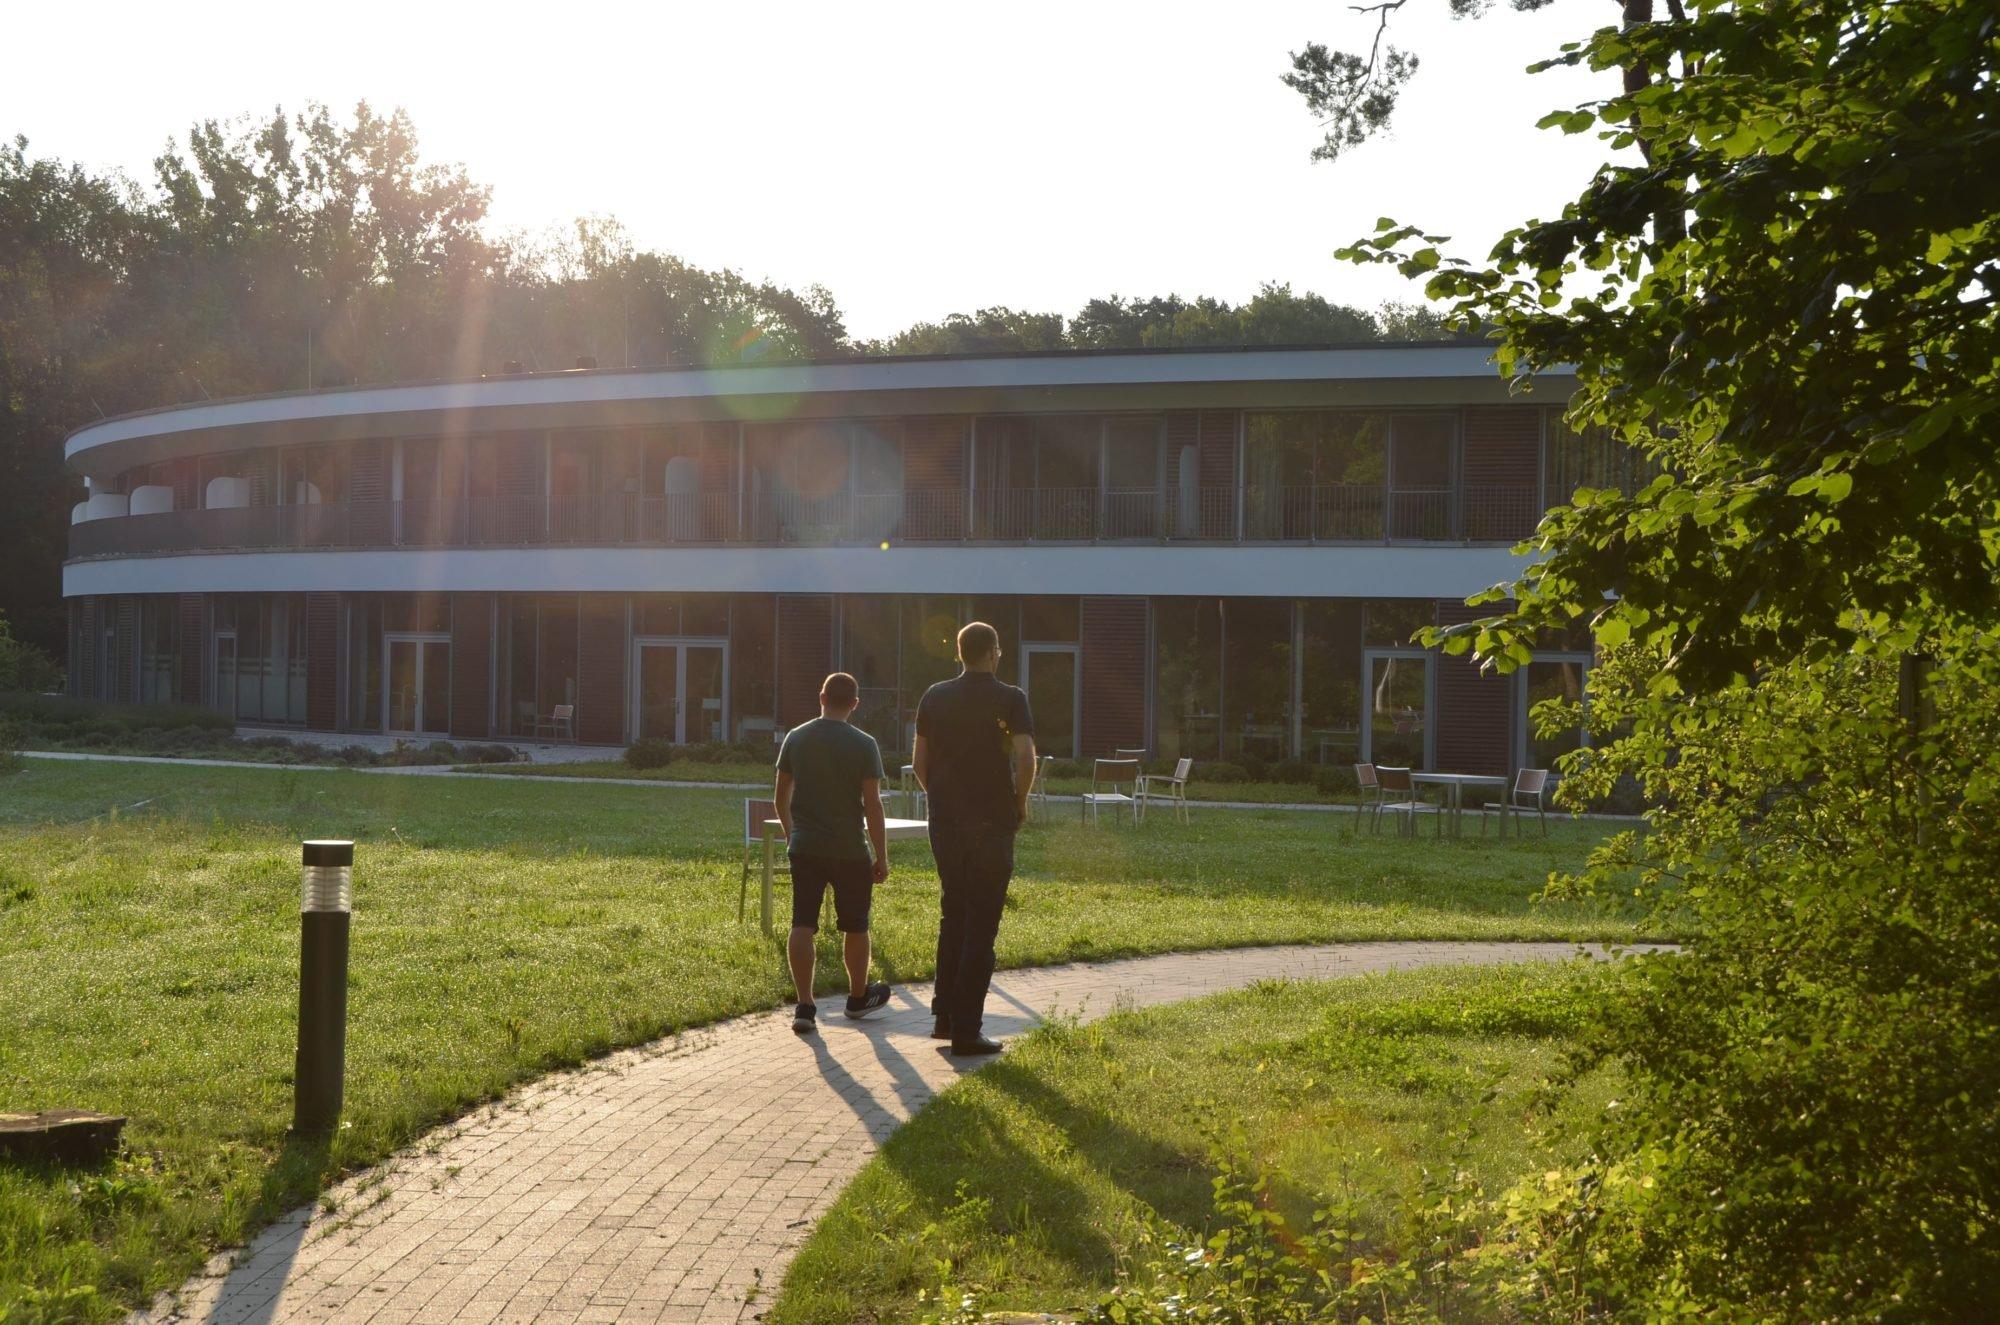 Marco Noack und Dr. Sebastian Weinert laufen auf das P.A.N. Zentrum zu. Darüber geht die Sonne auf.